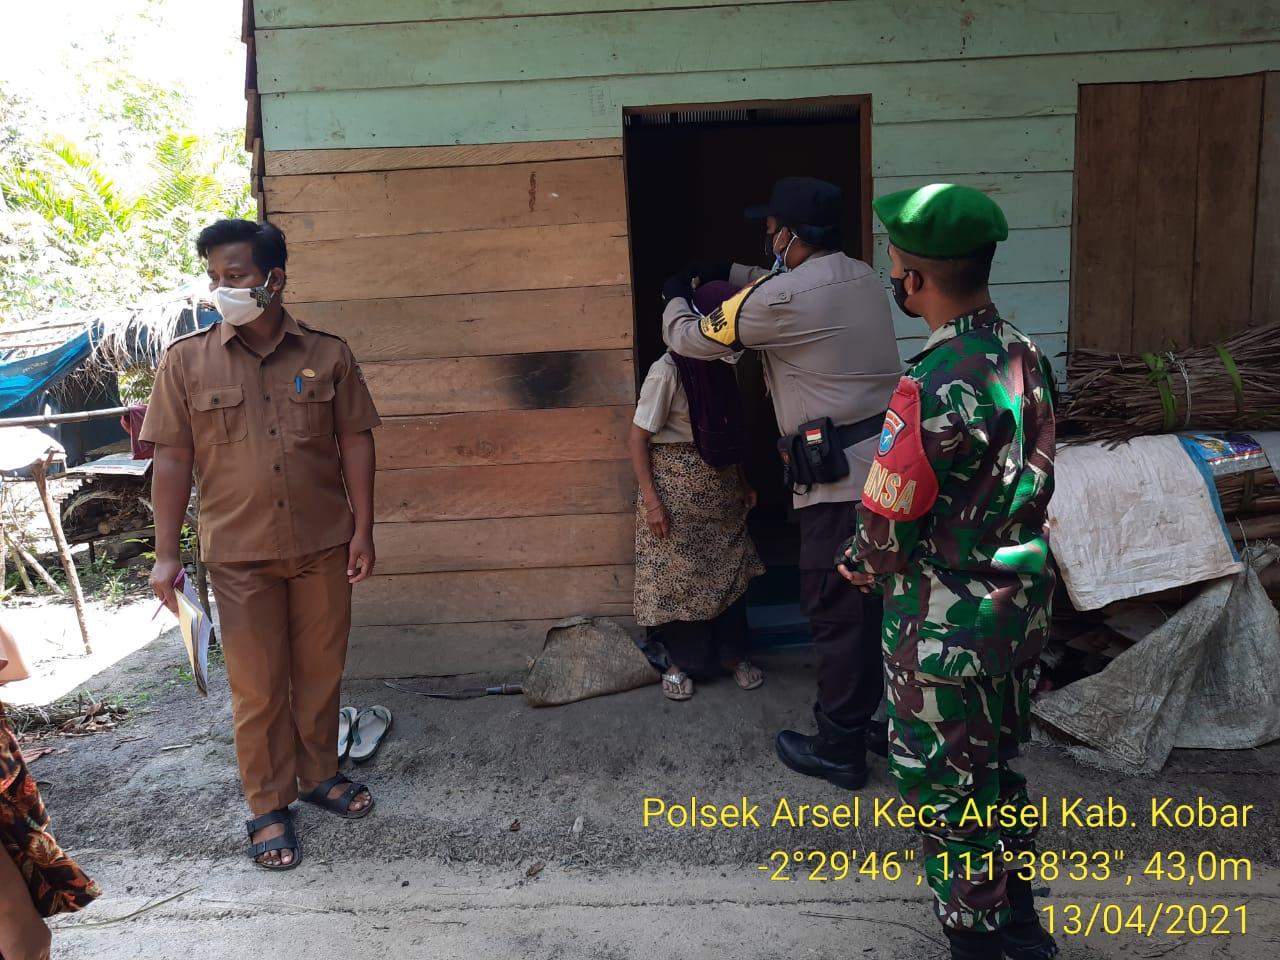 Bhabinkamtibmas Polsek Arsel Bersama TNI Imbau Prokes Dan Bagikan Masker Ke Warga